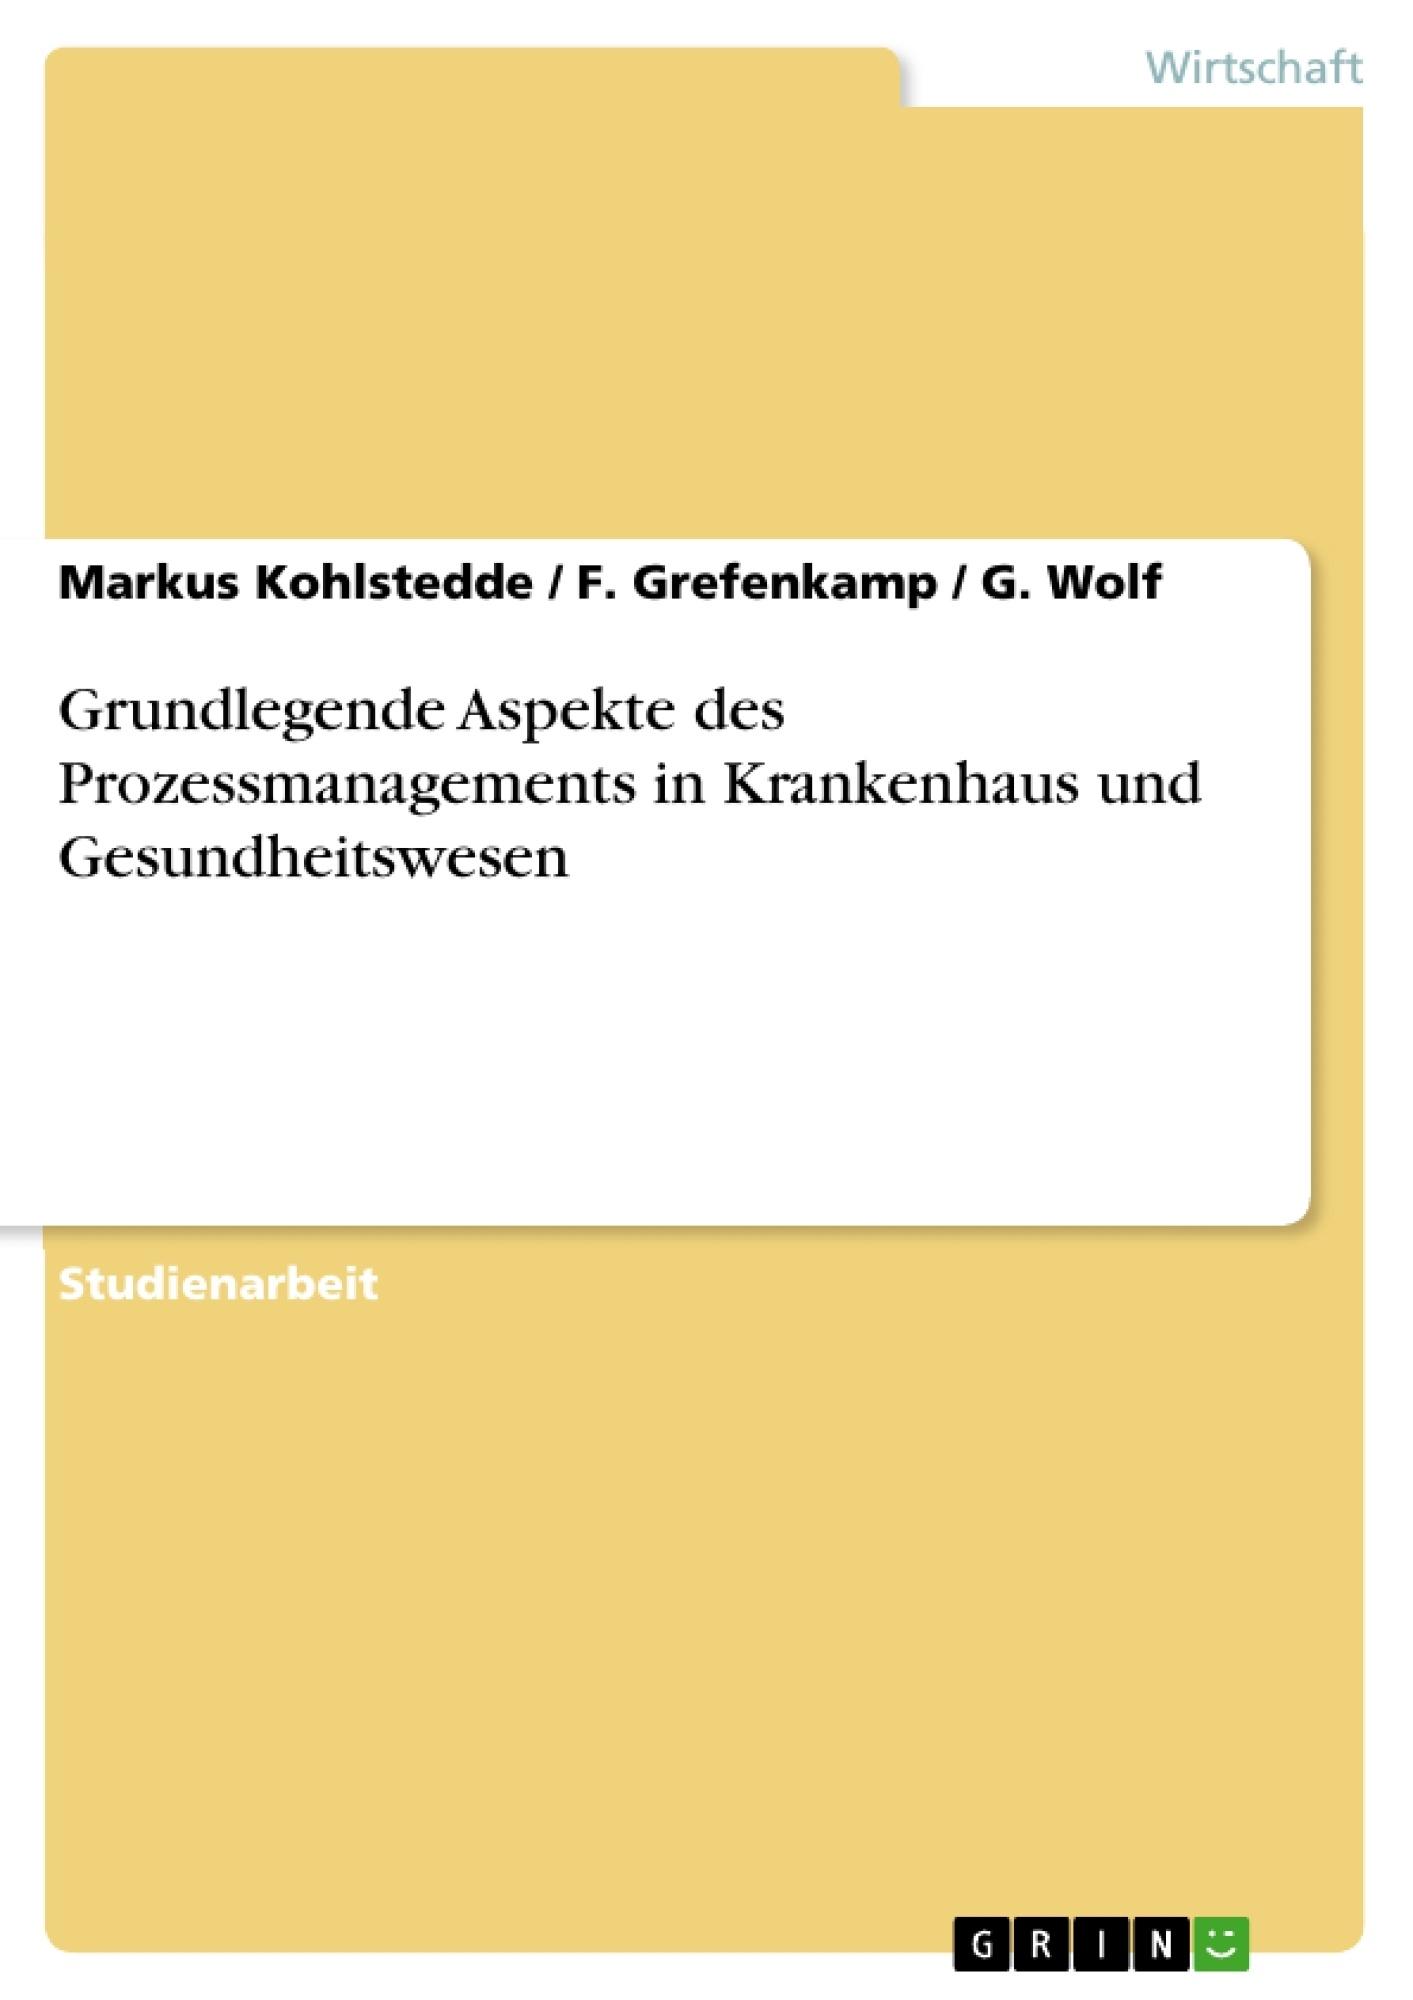 Titel: Grundlegende Aspekte des Prozessmanagements in Krankenhaus und Gesundheitswesen